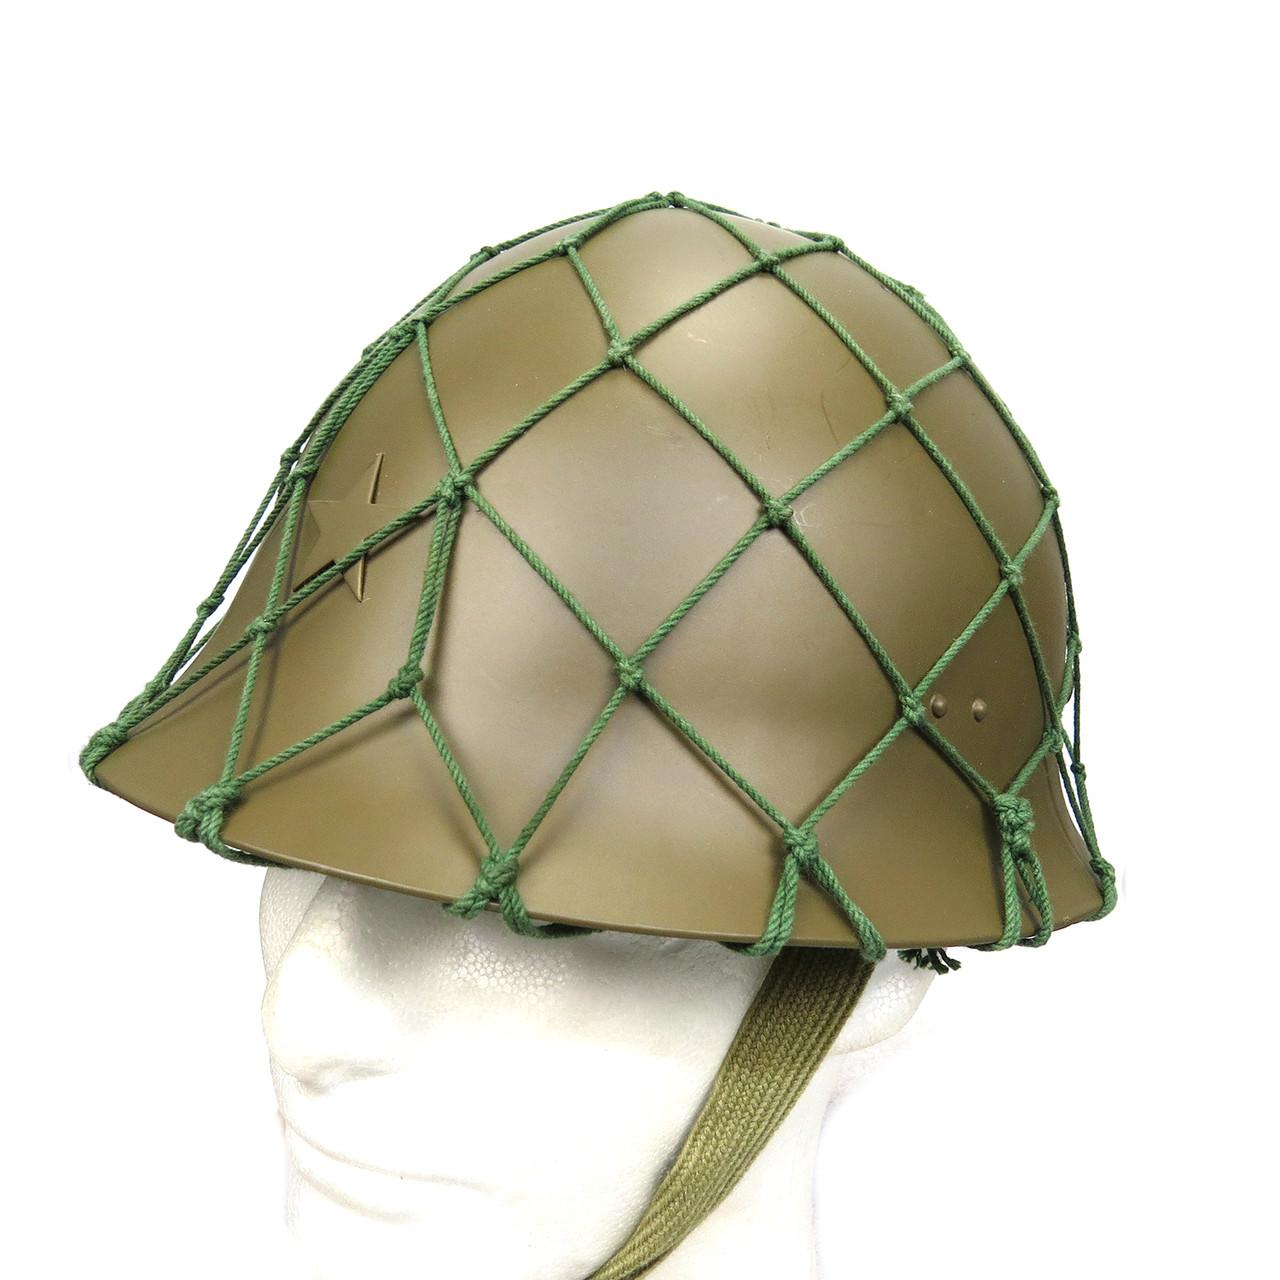 Japan Helmet Net